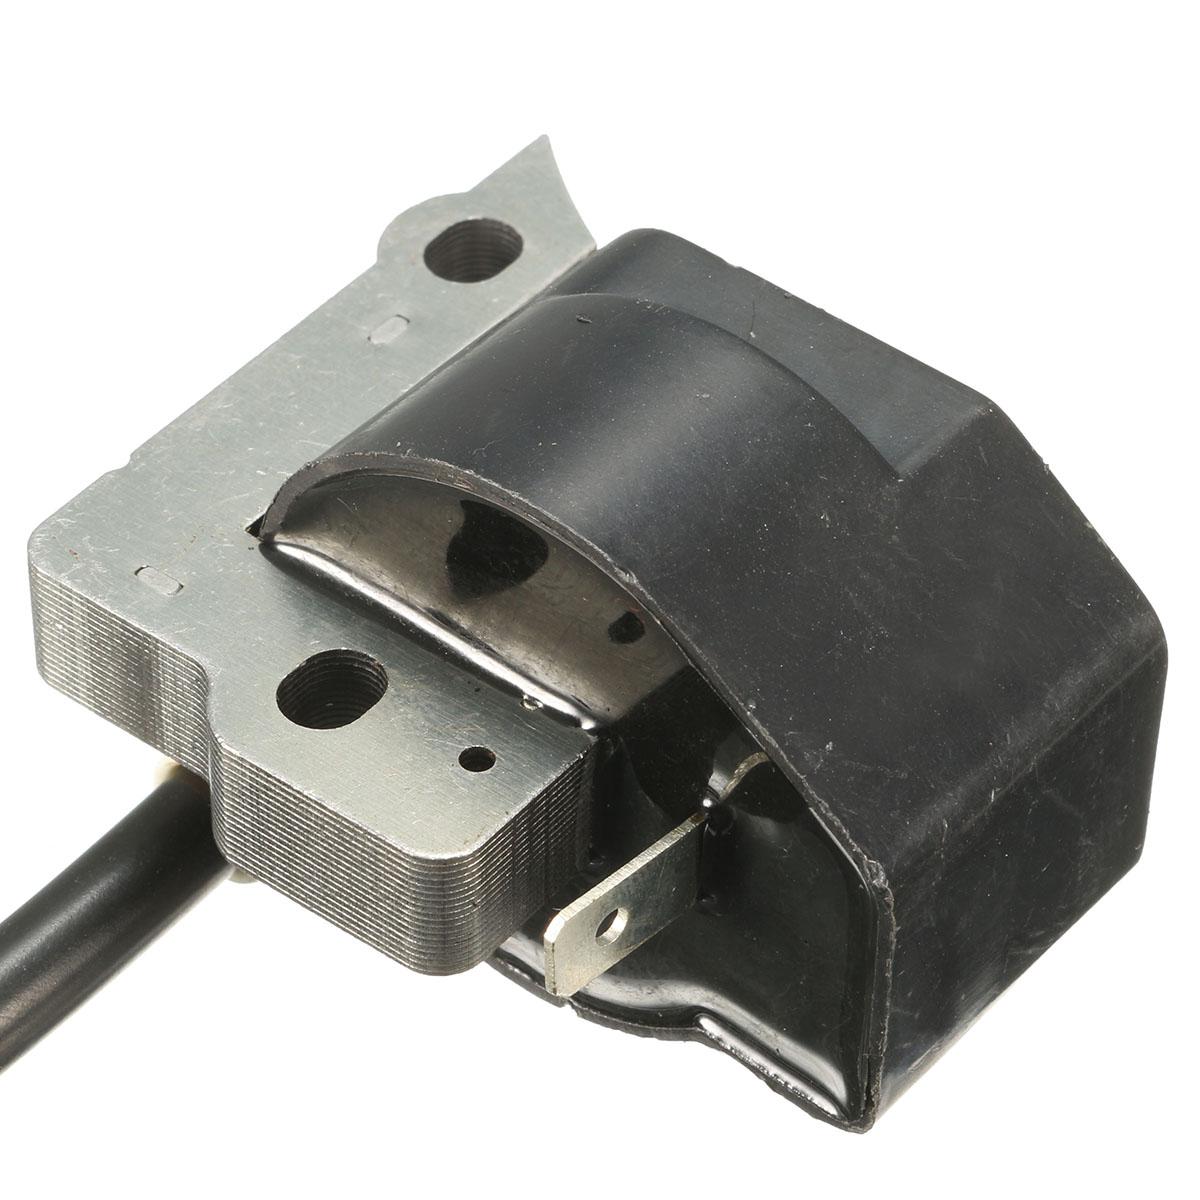 Ignition Coil Module Craftsman ChainSaw For Homelite Super 2 VI Super 2 XL XL2 190 240 240SL 245